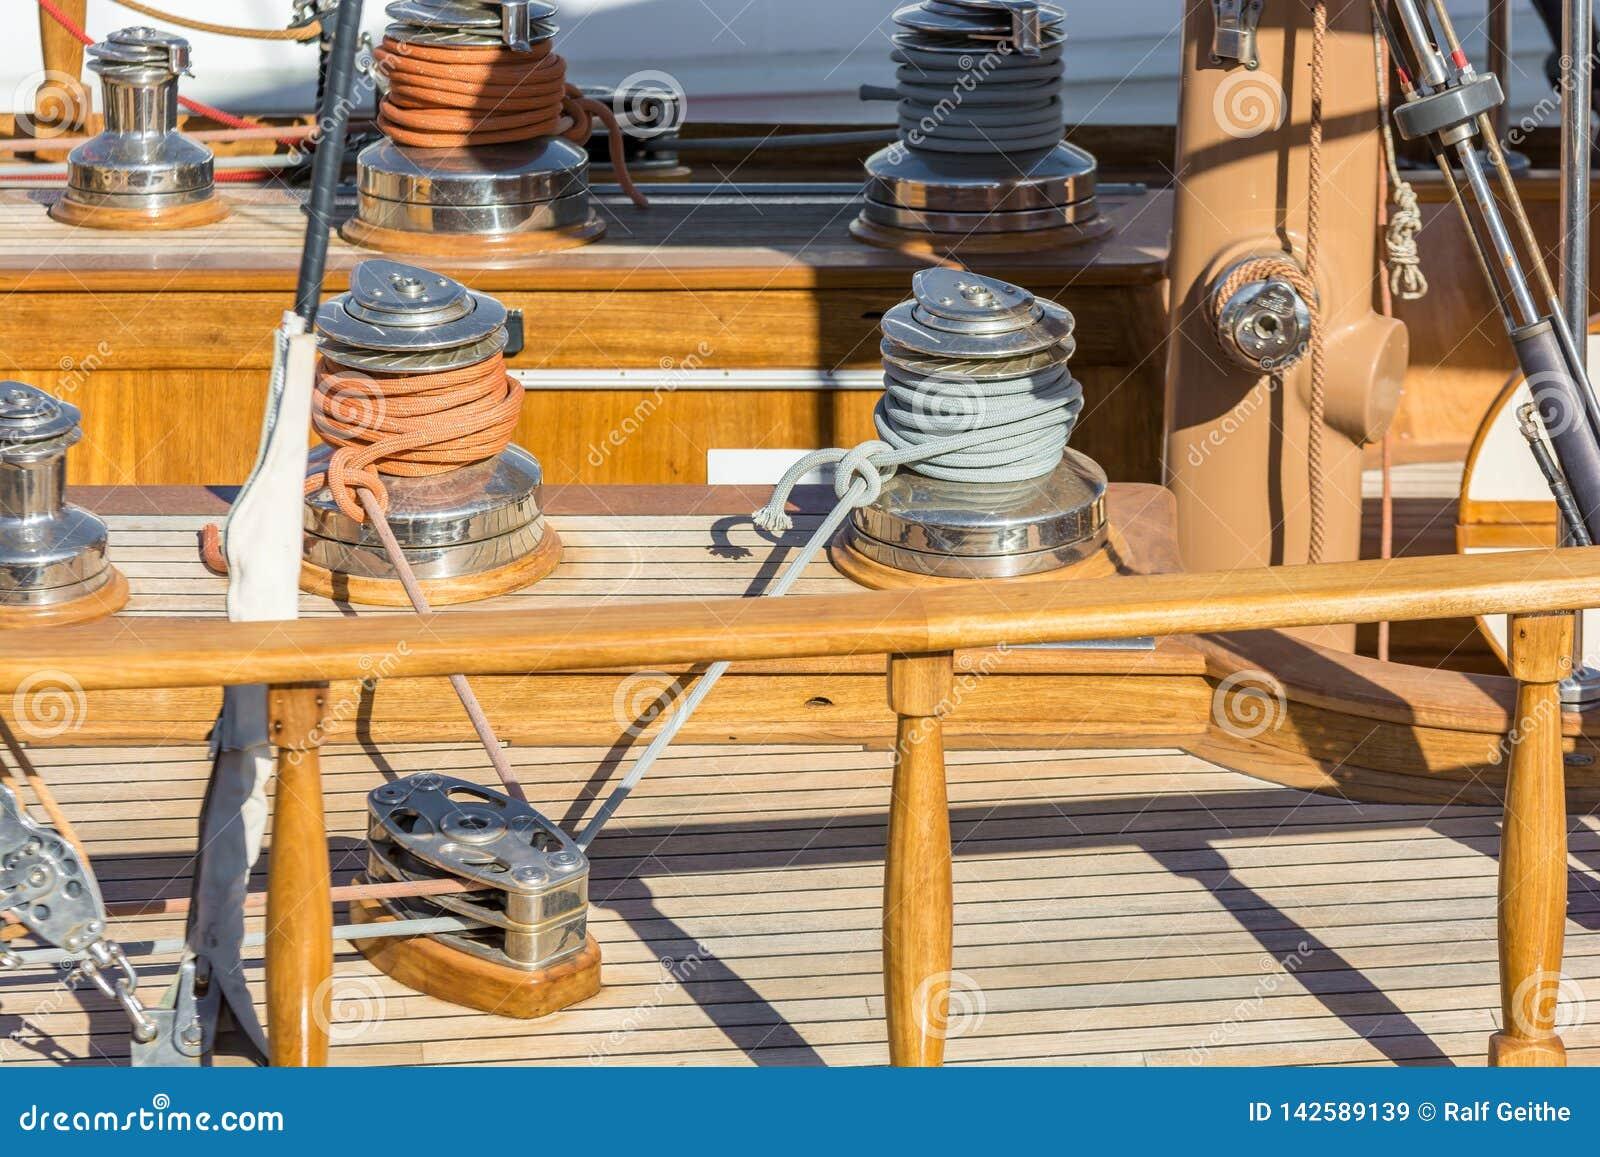 Роскошный парусник с деревянной палубой и детальным представлением веревочки и рукояток